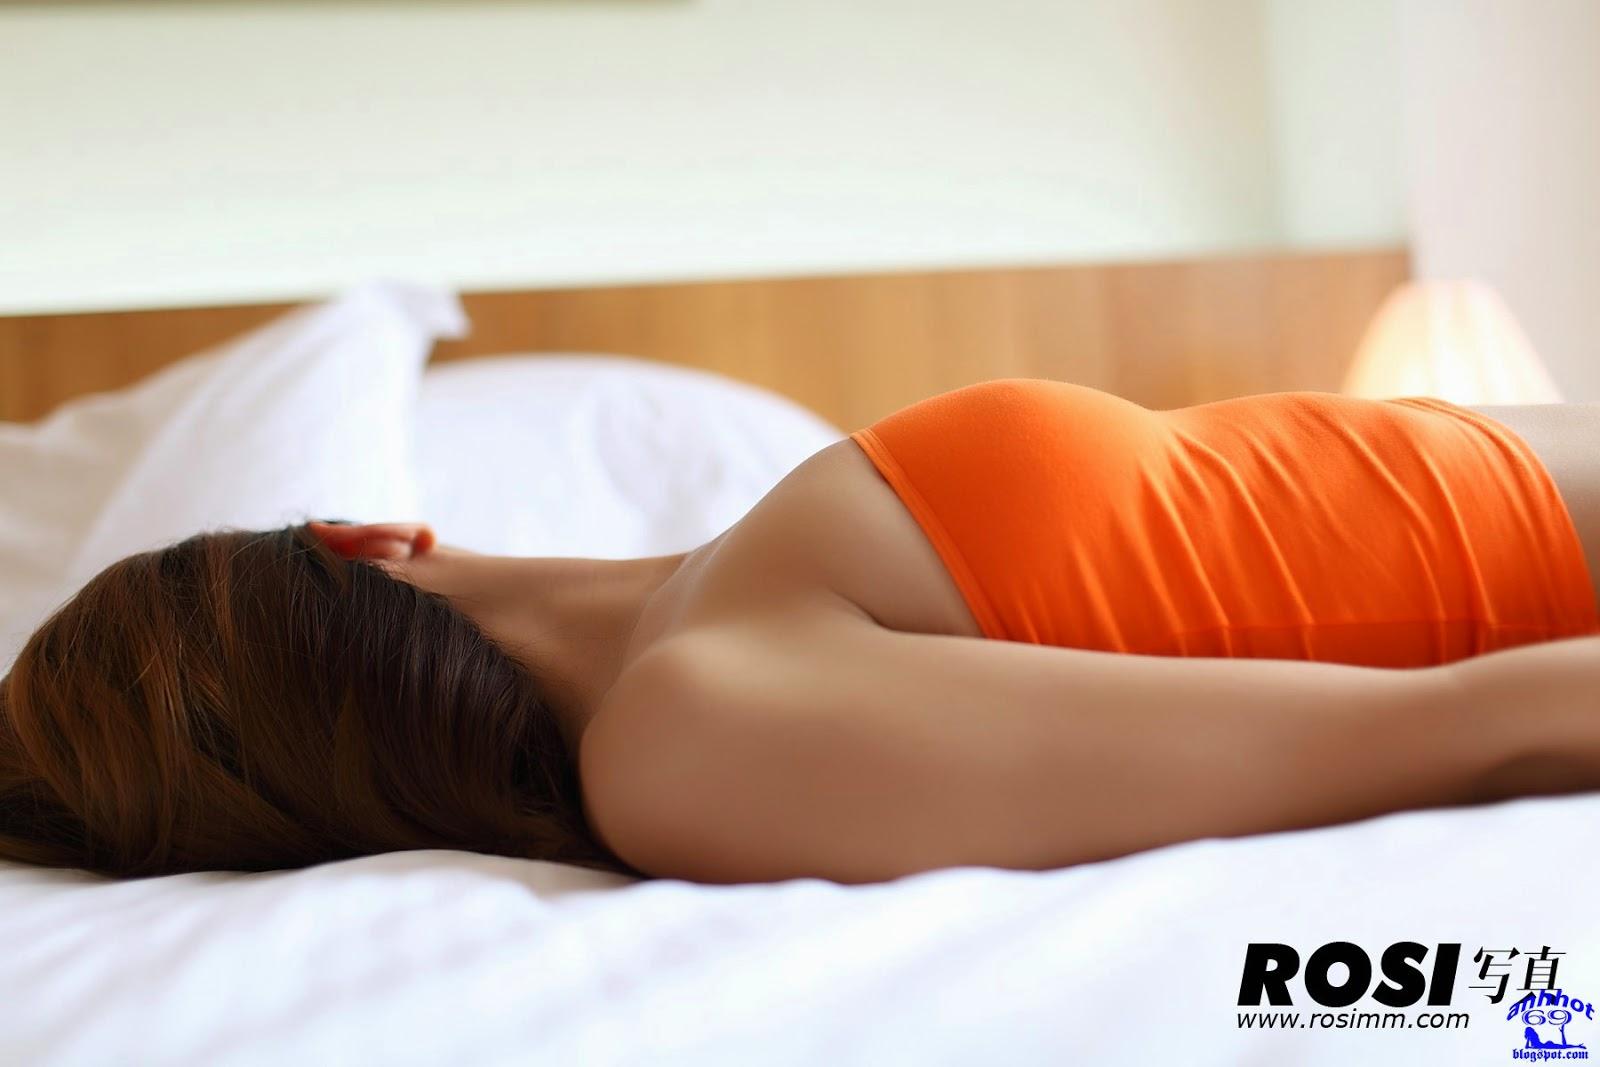 model_girl-rosi-01107960